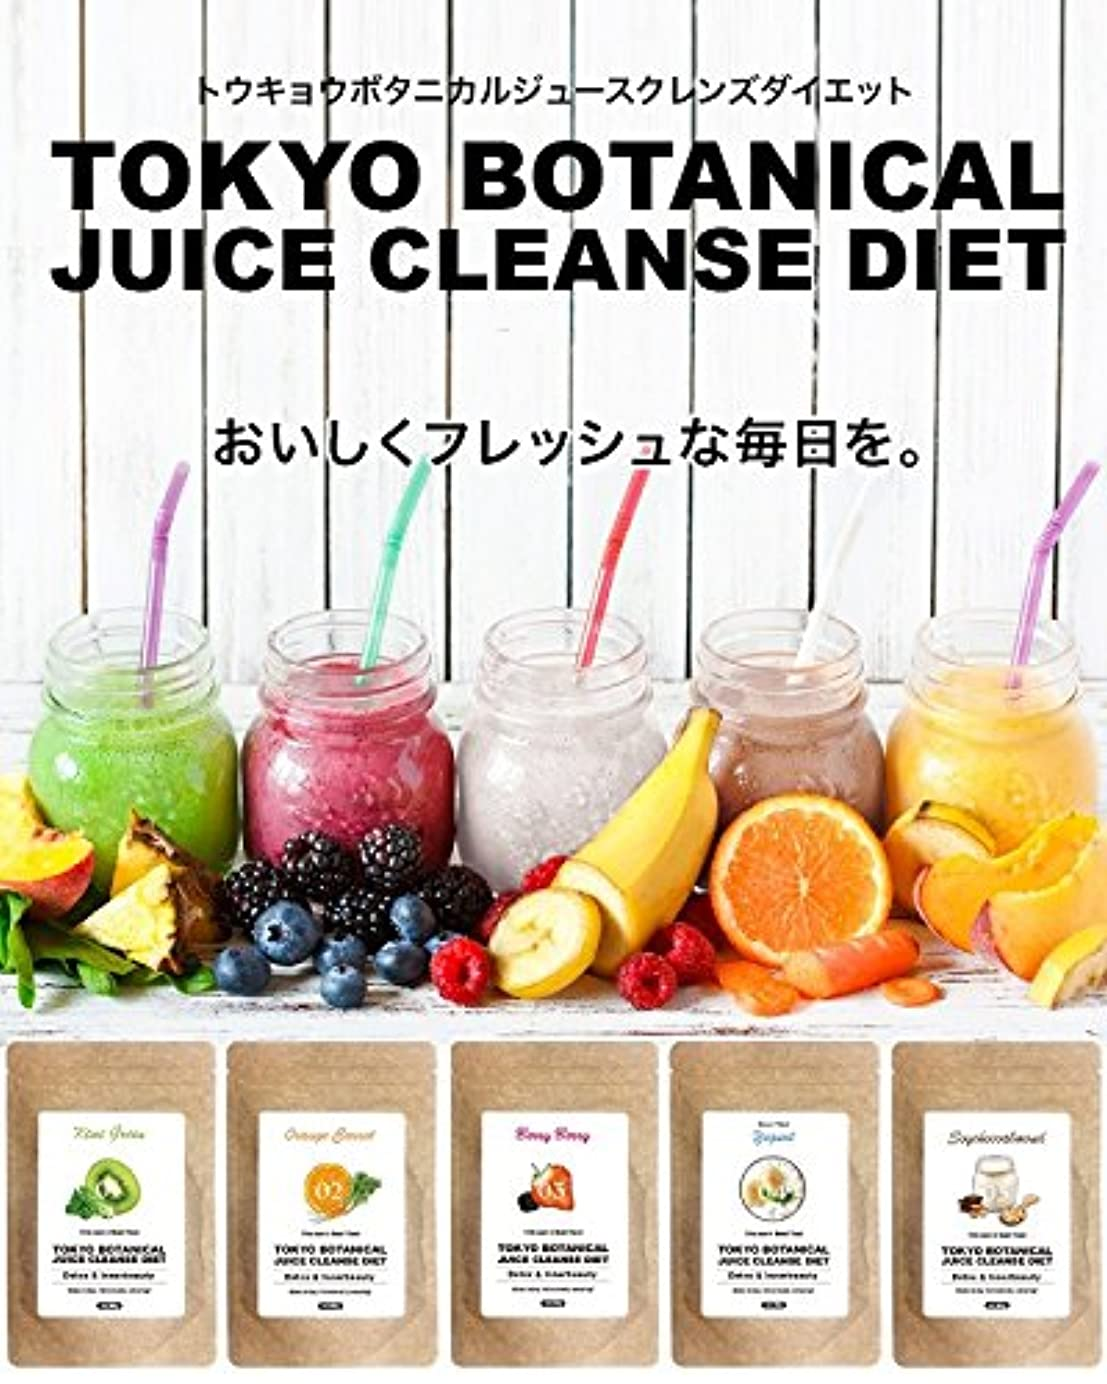 プラグうがい透明にダイエット 東京ボタニカルジュースクレンズダイエット  キウイグリーン&オレンジキャロットセット